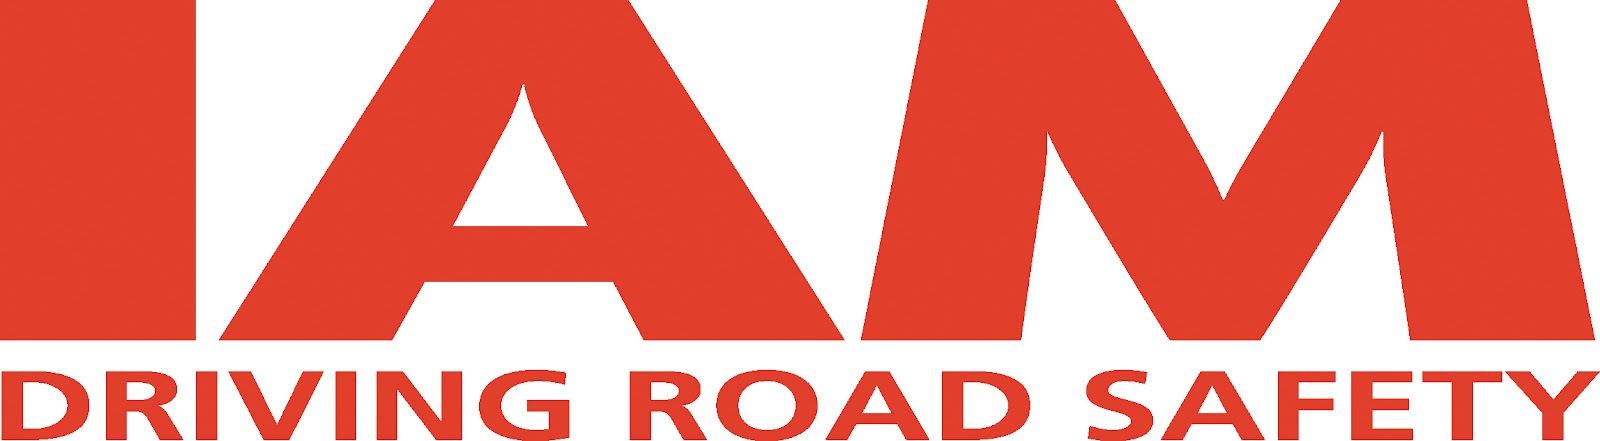 IAM red logo